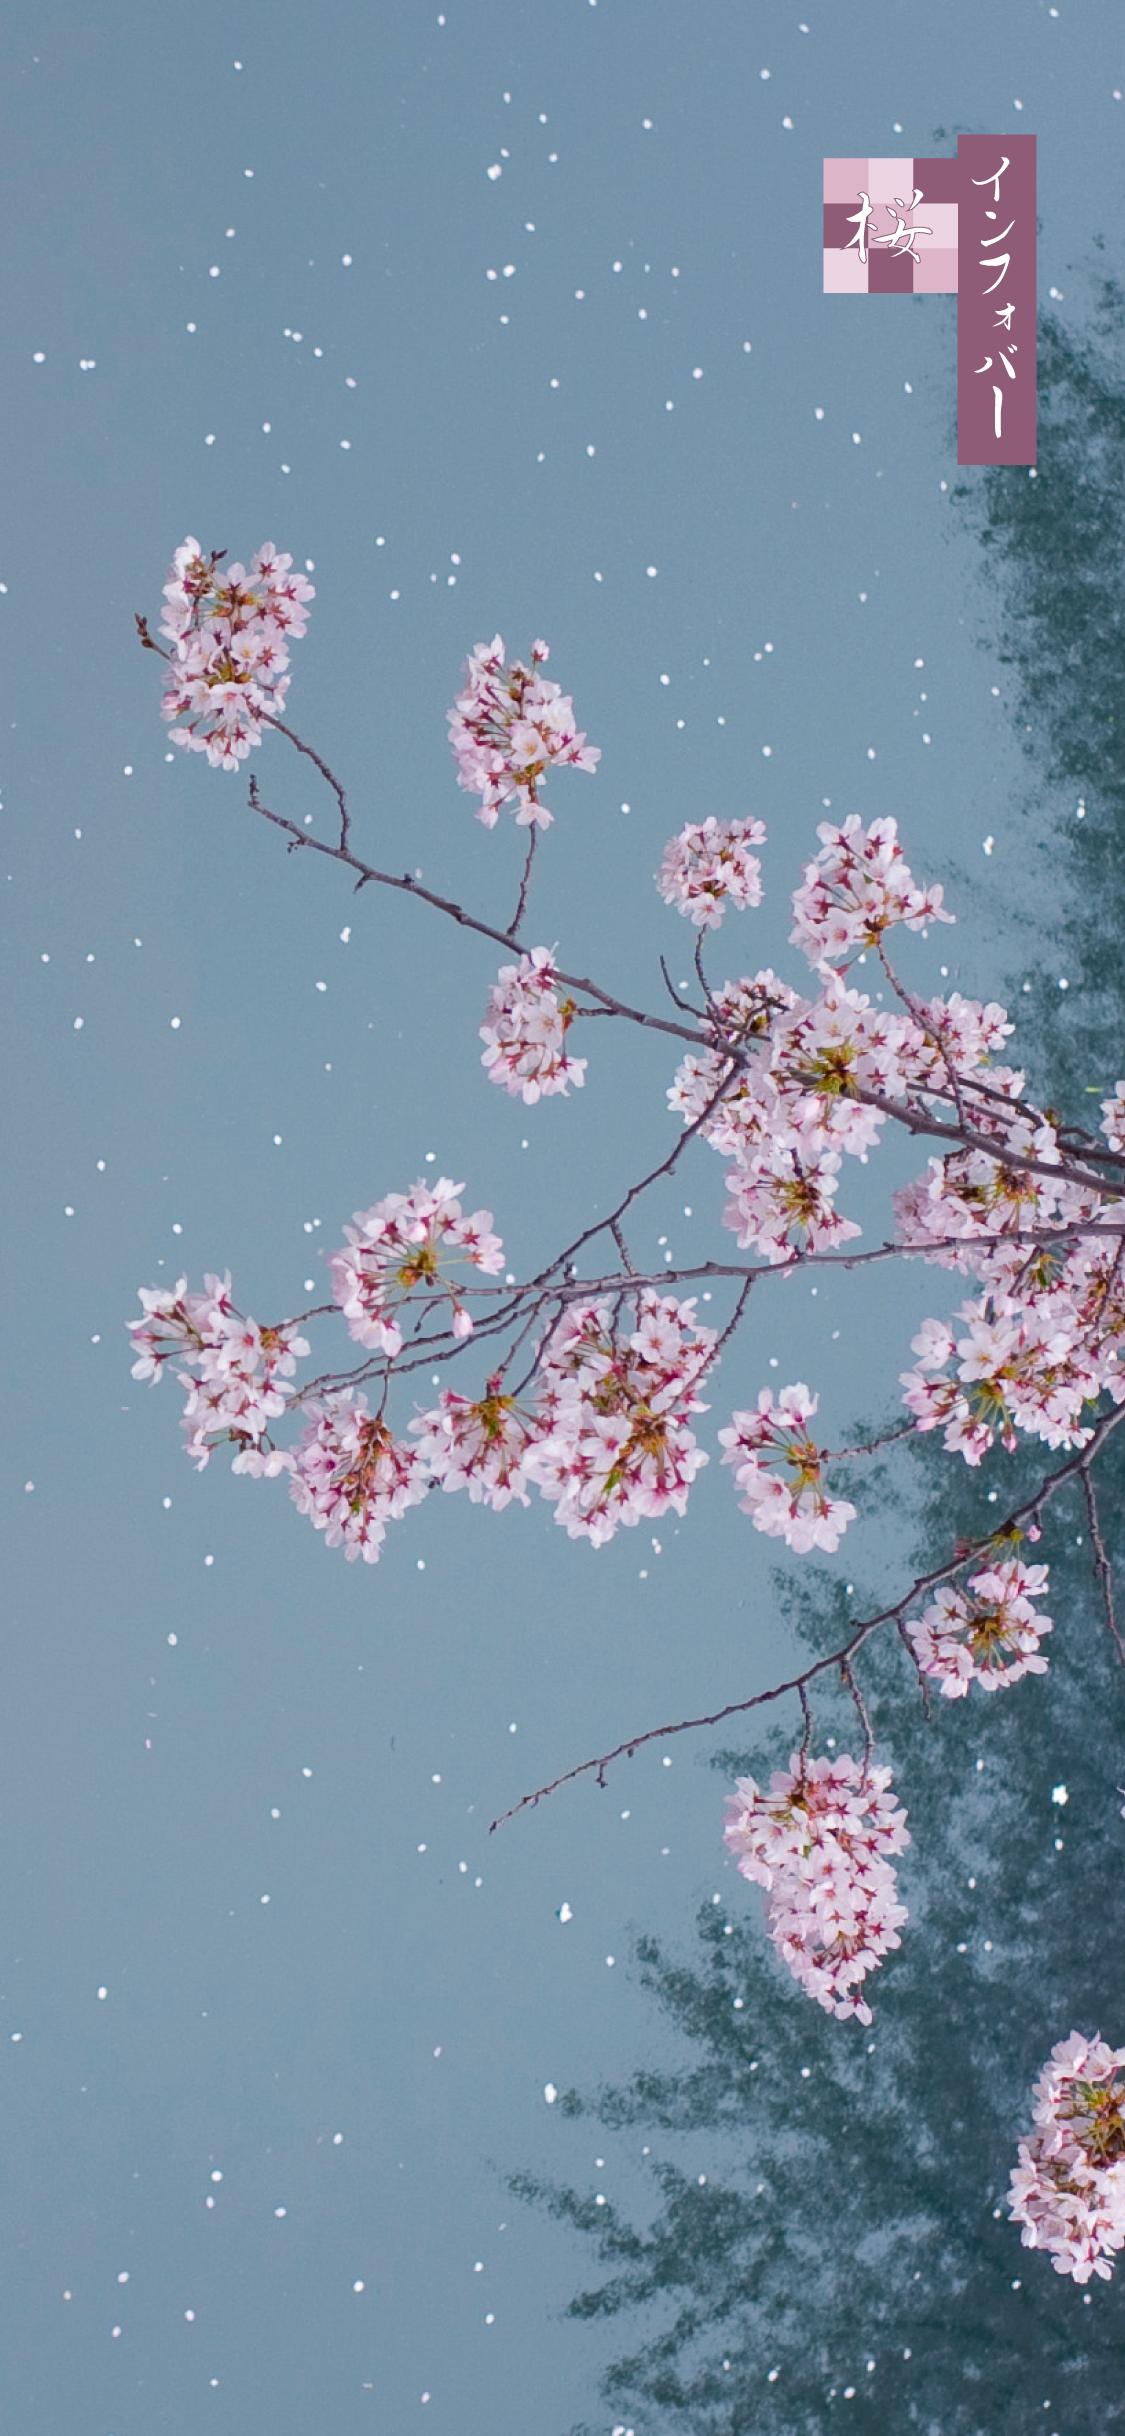 iPhone X, Xs, XR, 11, 11 Pro用壁紙 | 夜桜(1125x2436)